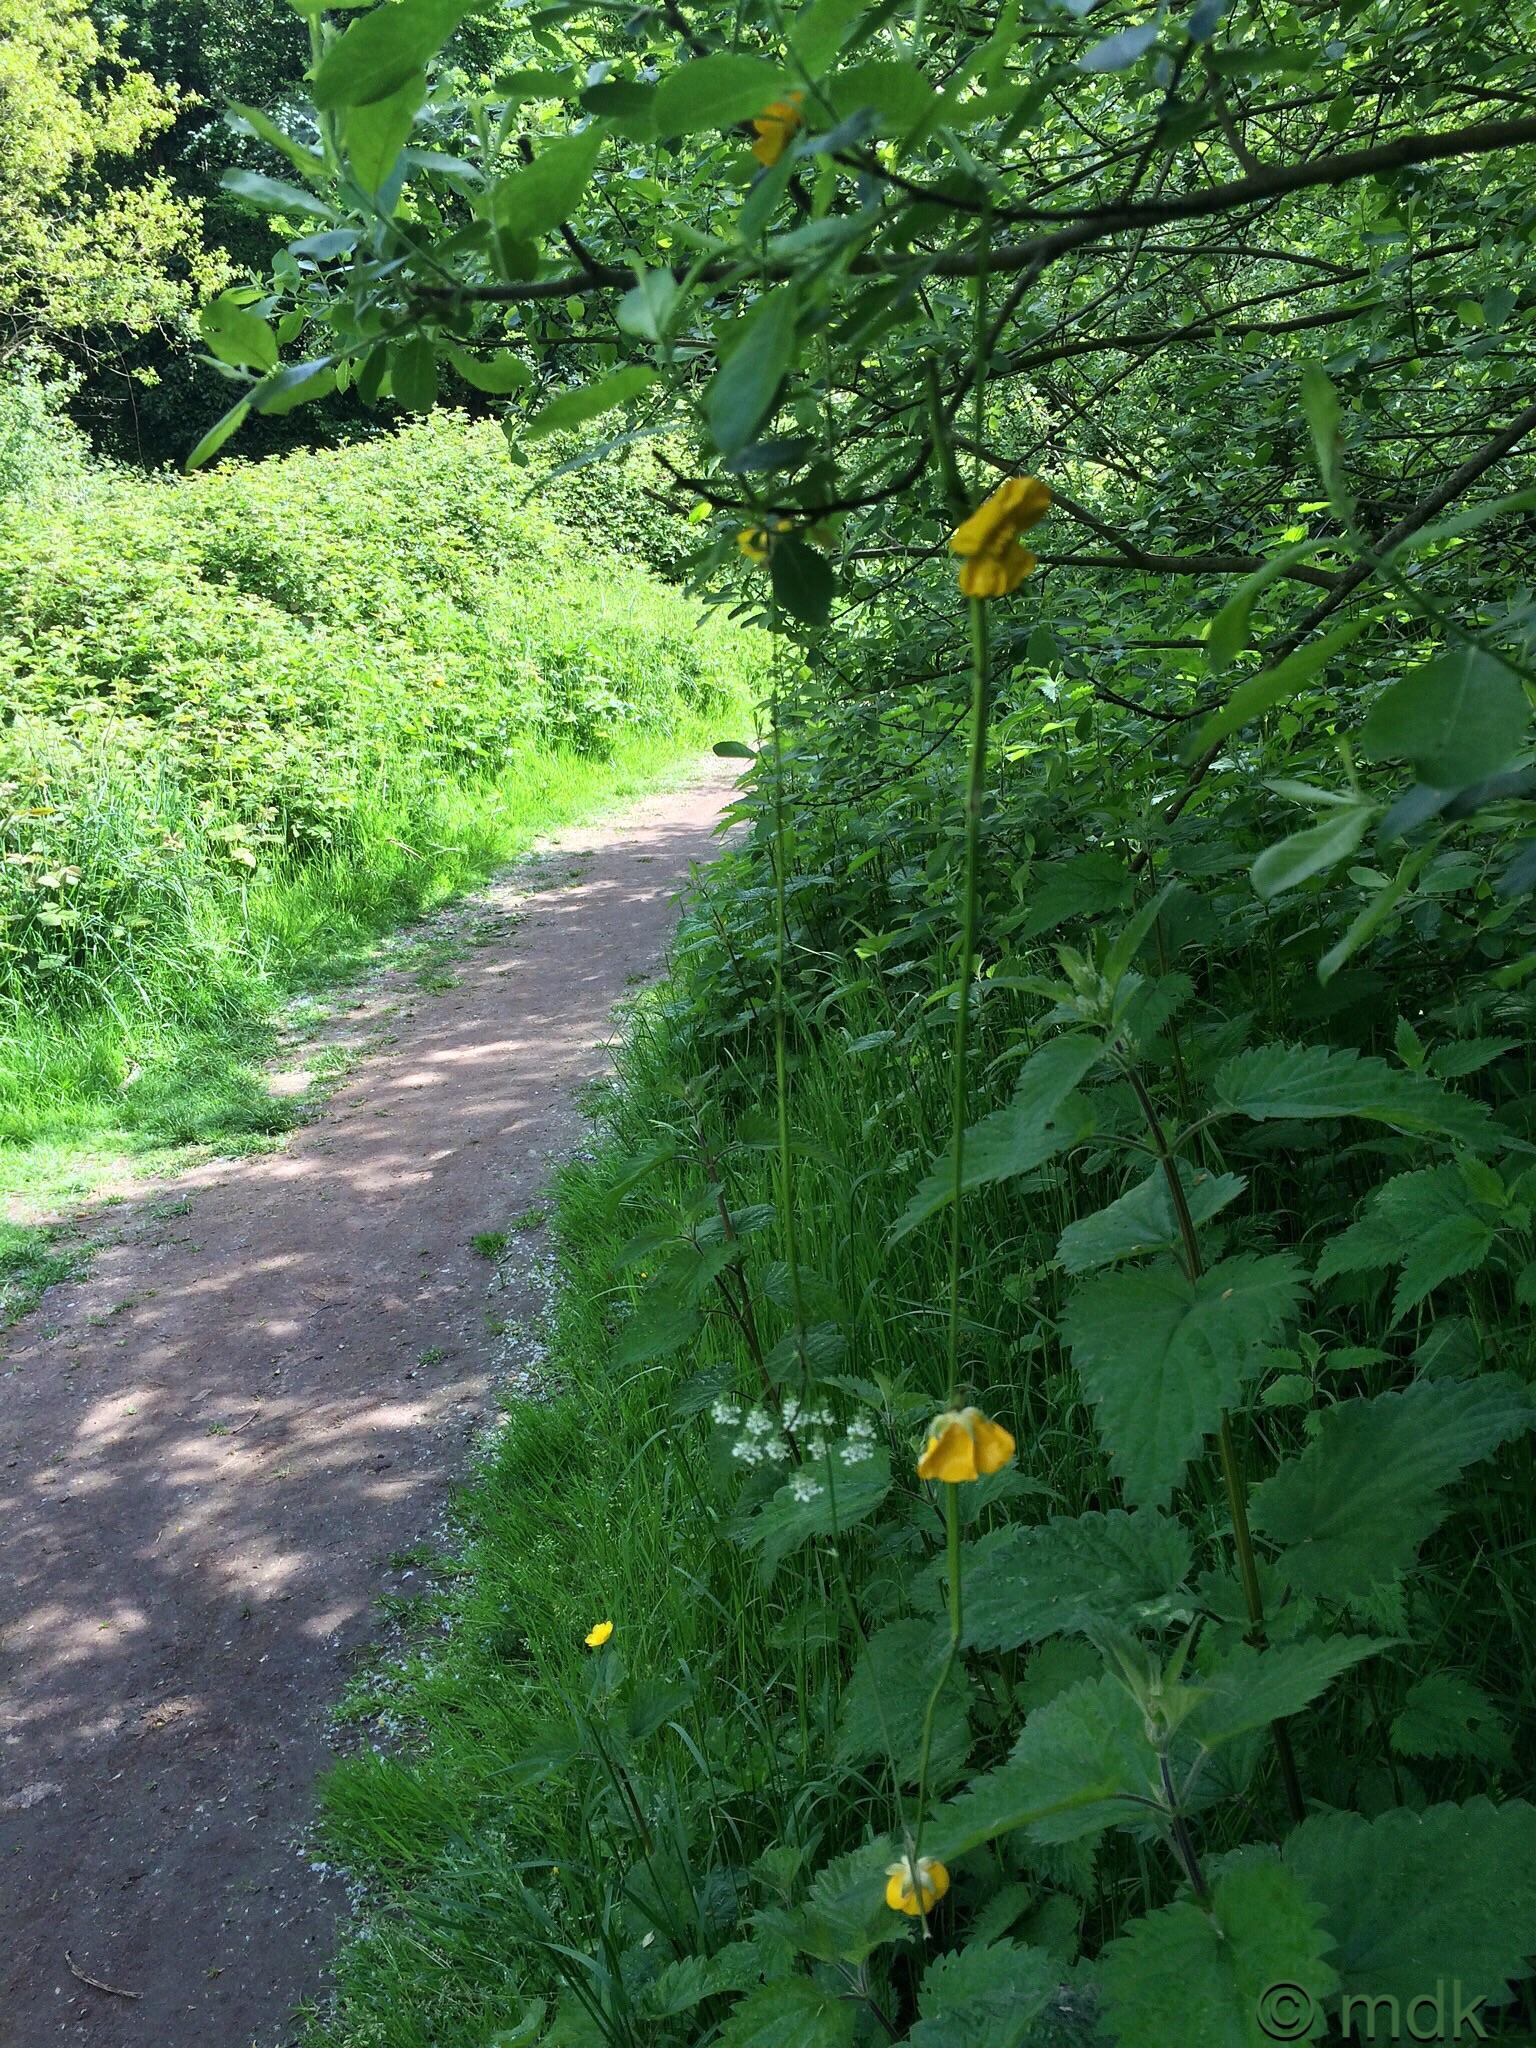 Wildflower chain